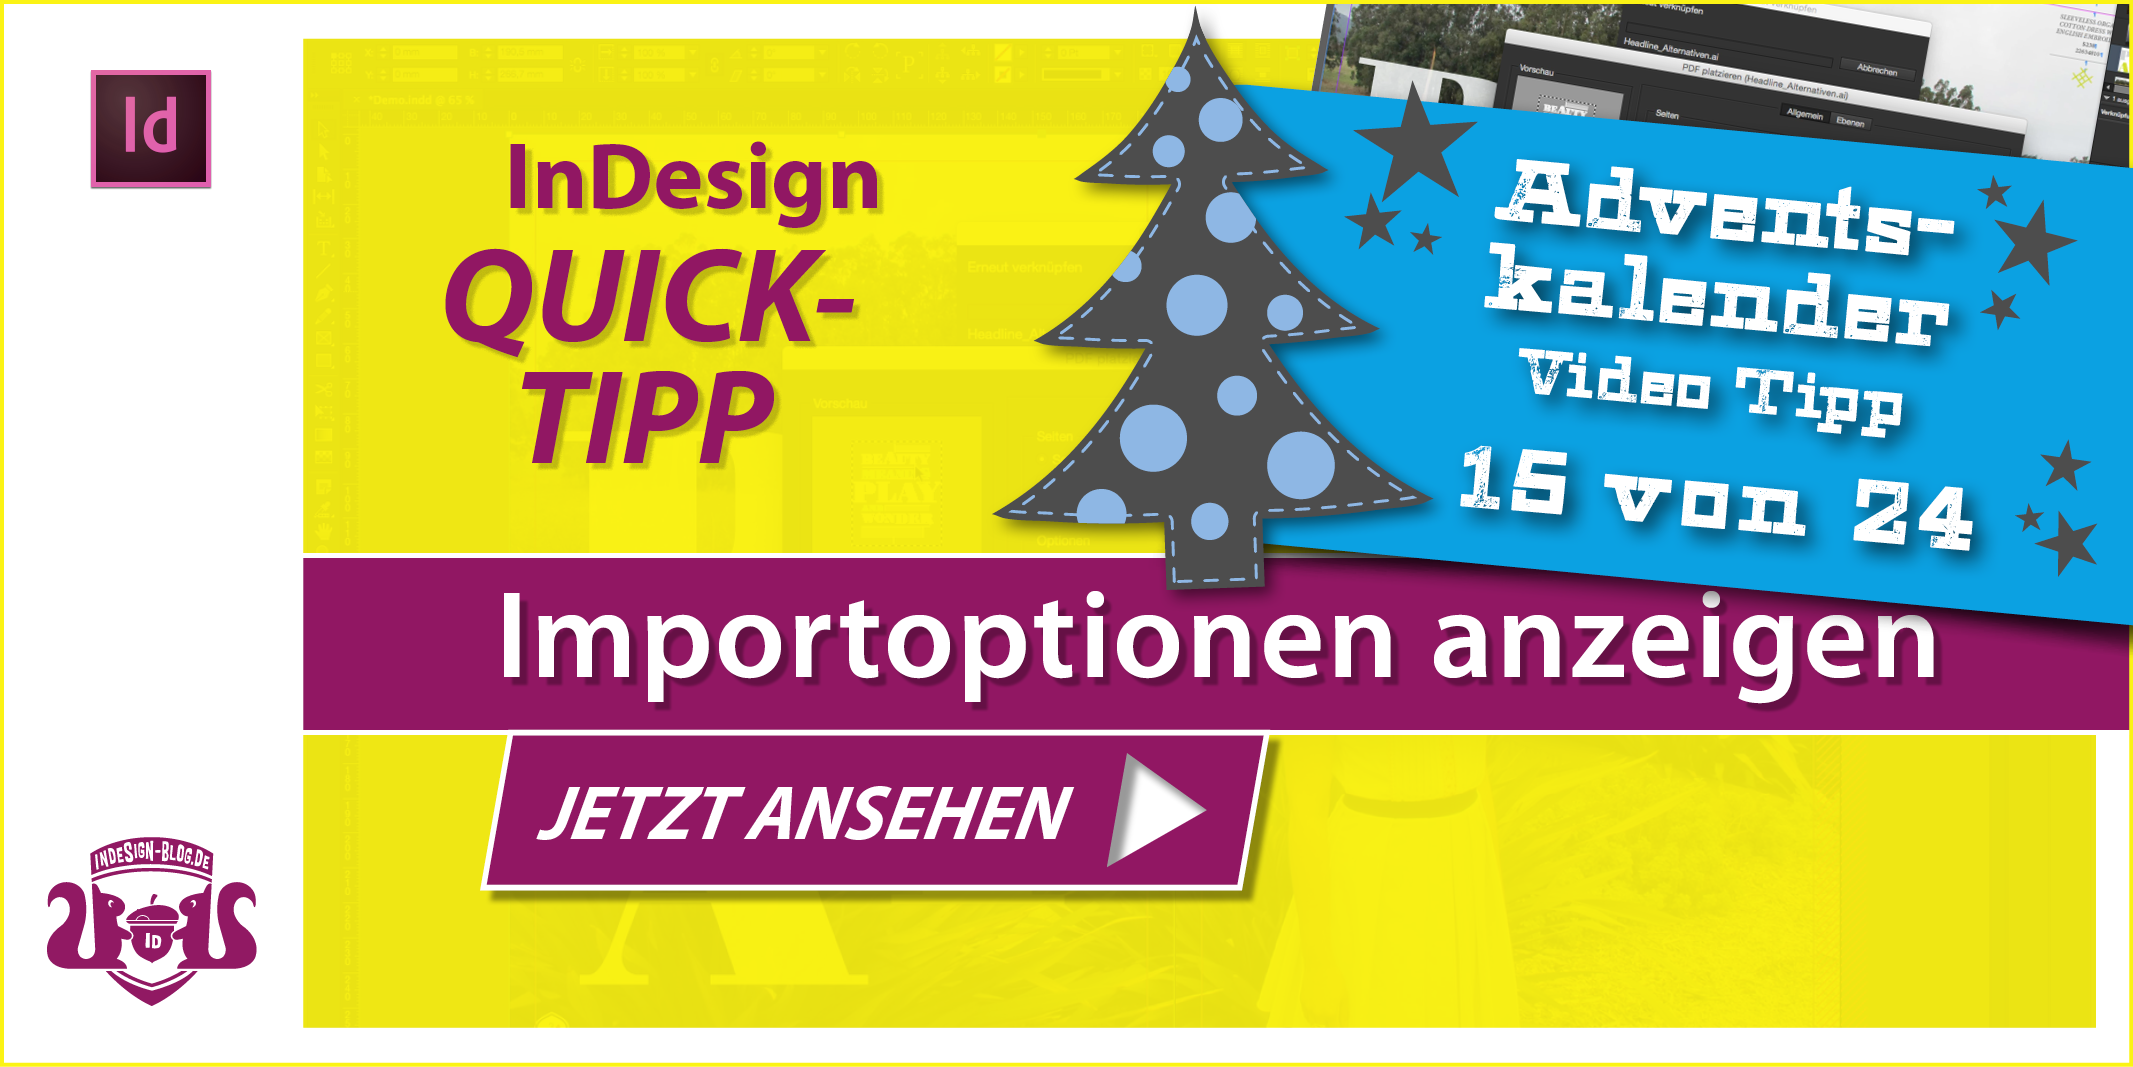 Tumbnail Quicktipp Importoptionen